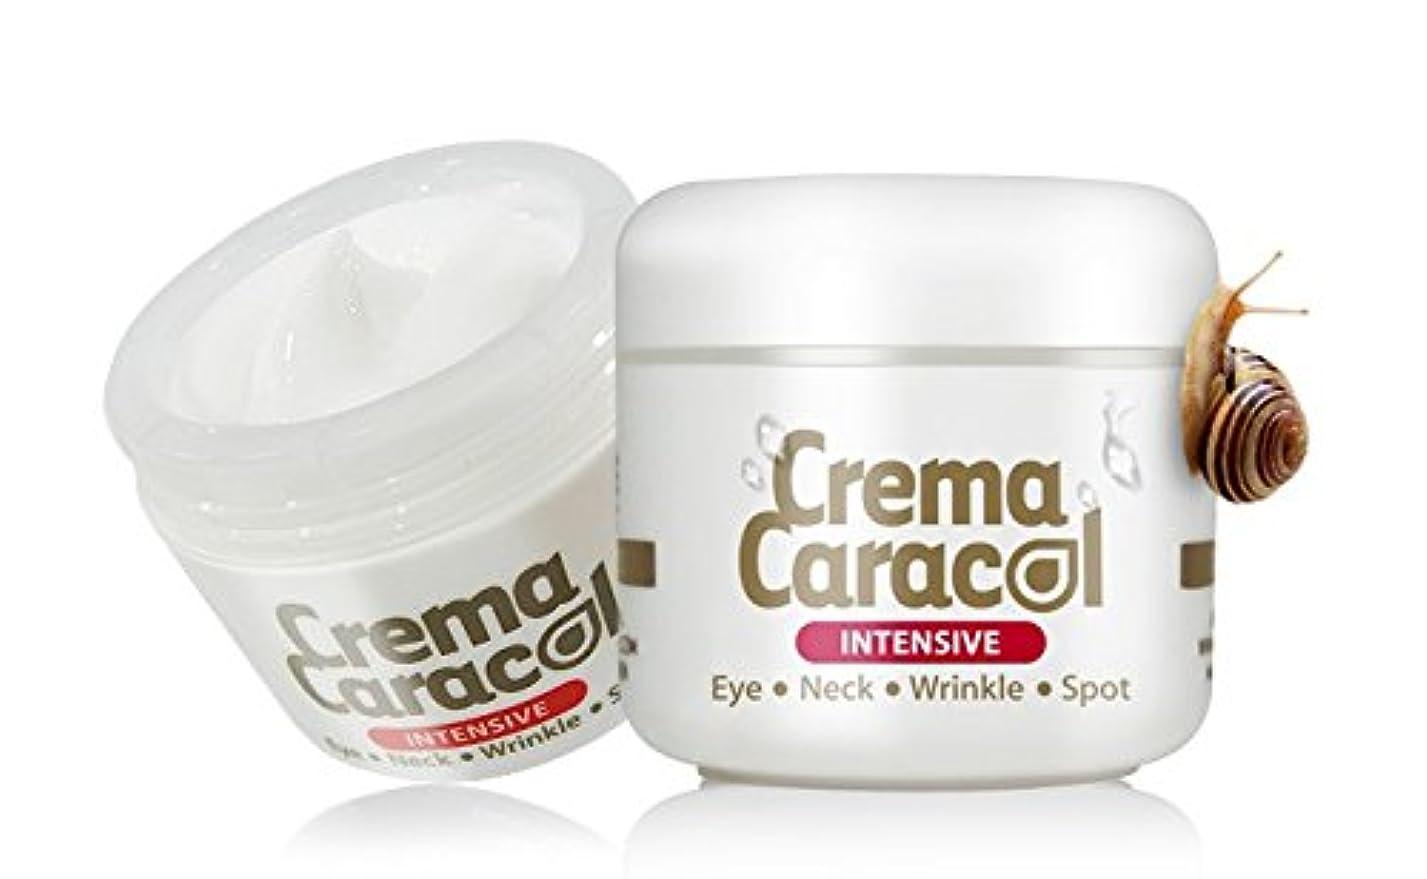 戦争きらきら邪悪な[2EA] Jaminkyung Crema Caracol Intensive Cream/ジャミンギョン [孜民耕] カタツムリ(かたつむり) インテンシブクリーム 2個 [並行輸入品]